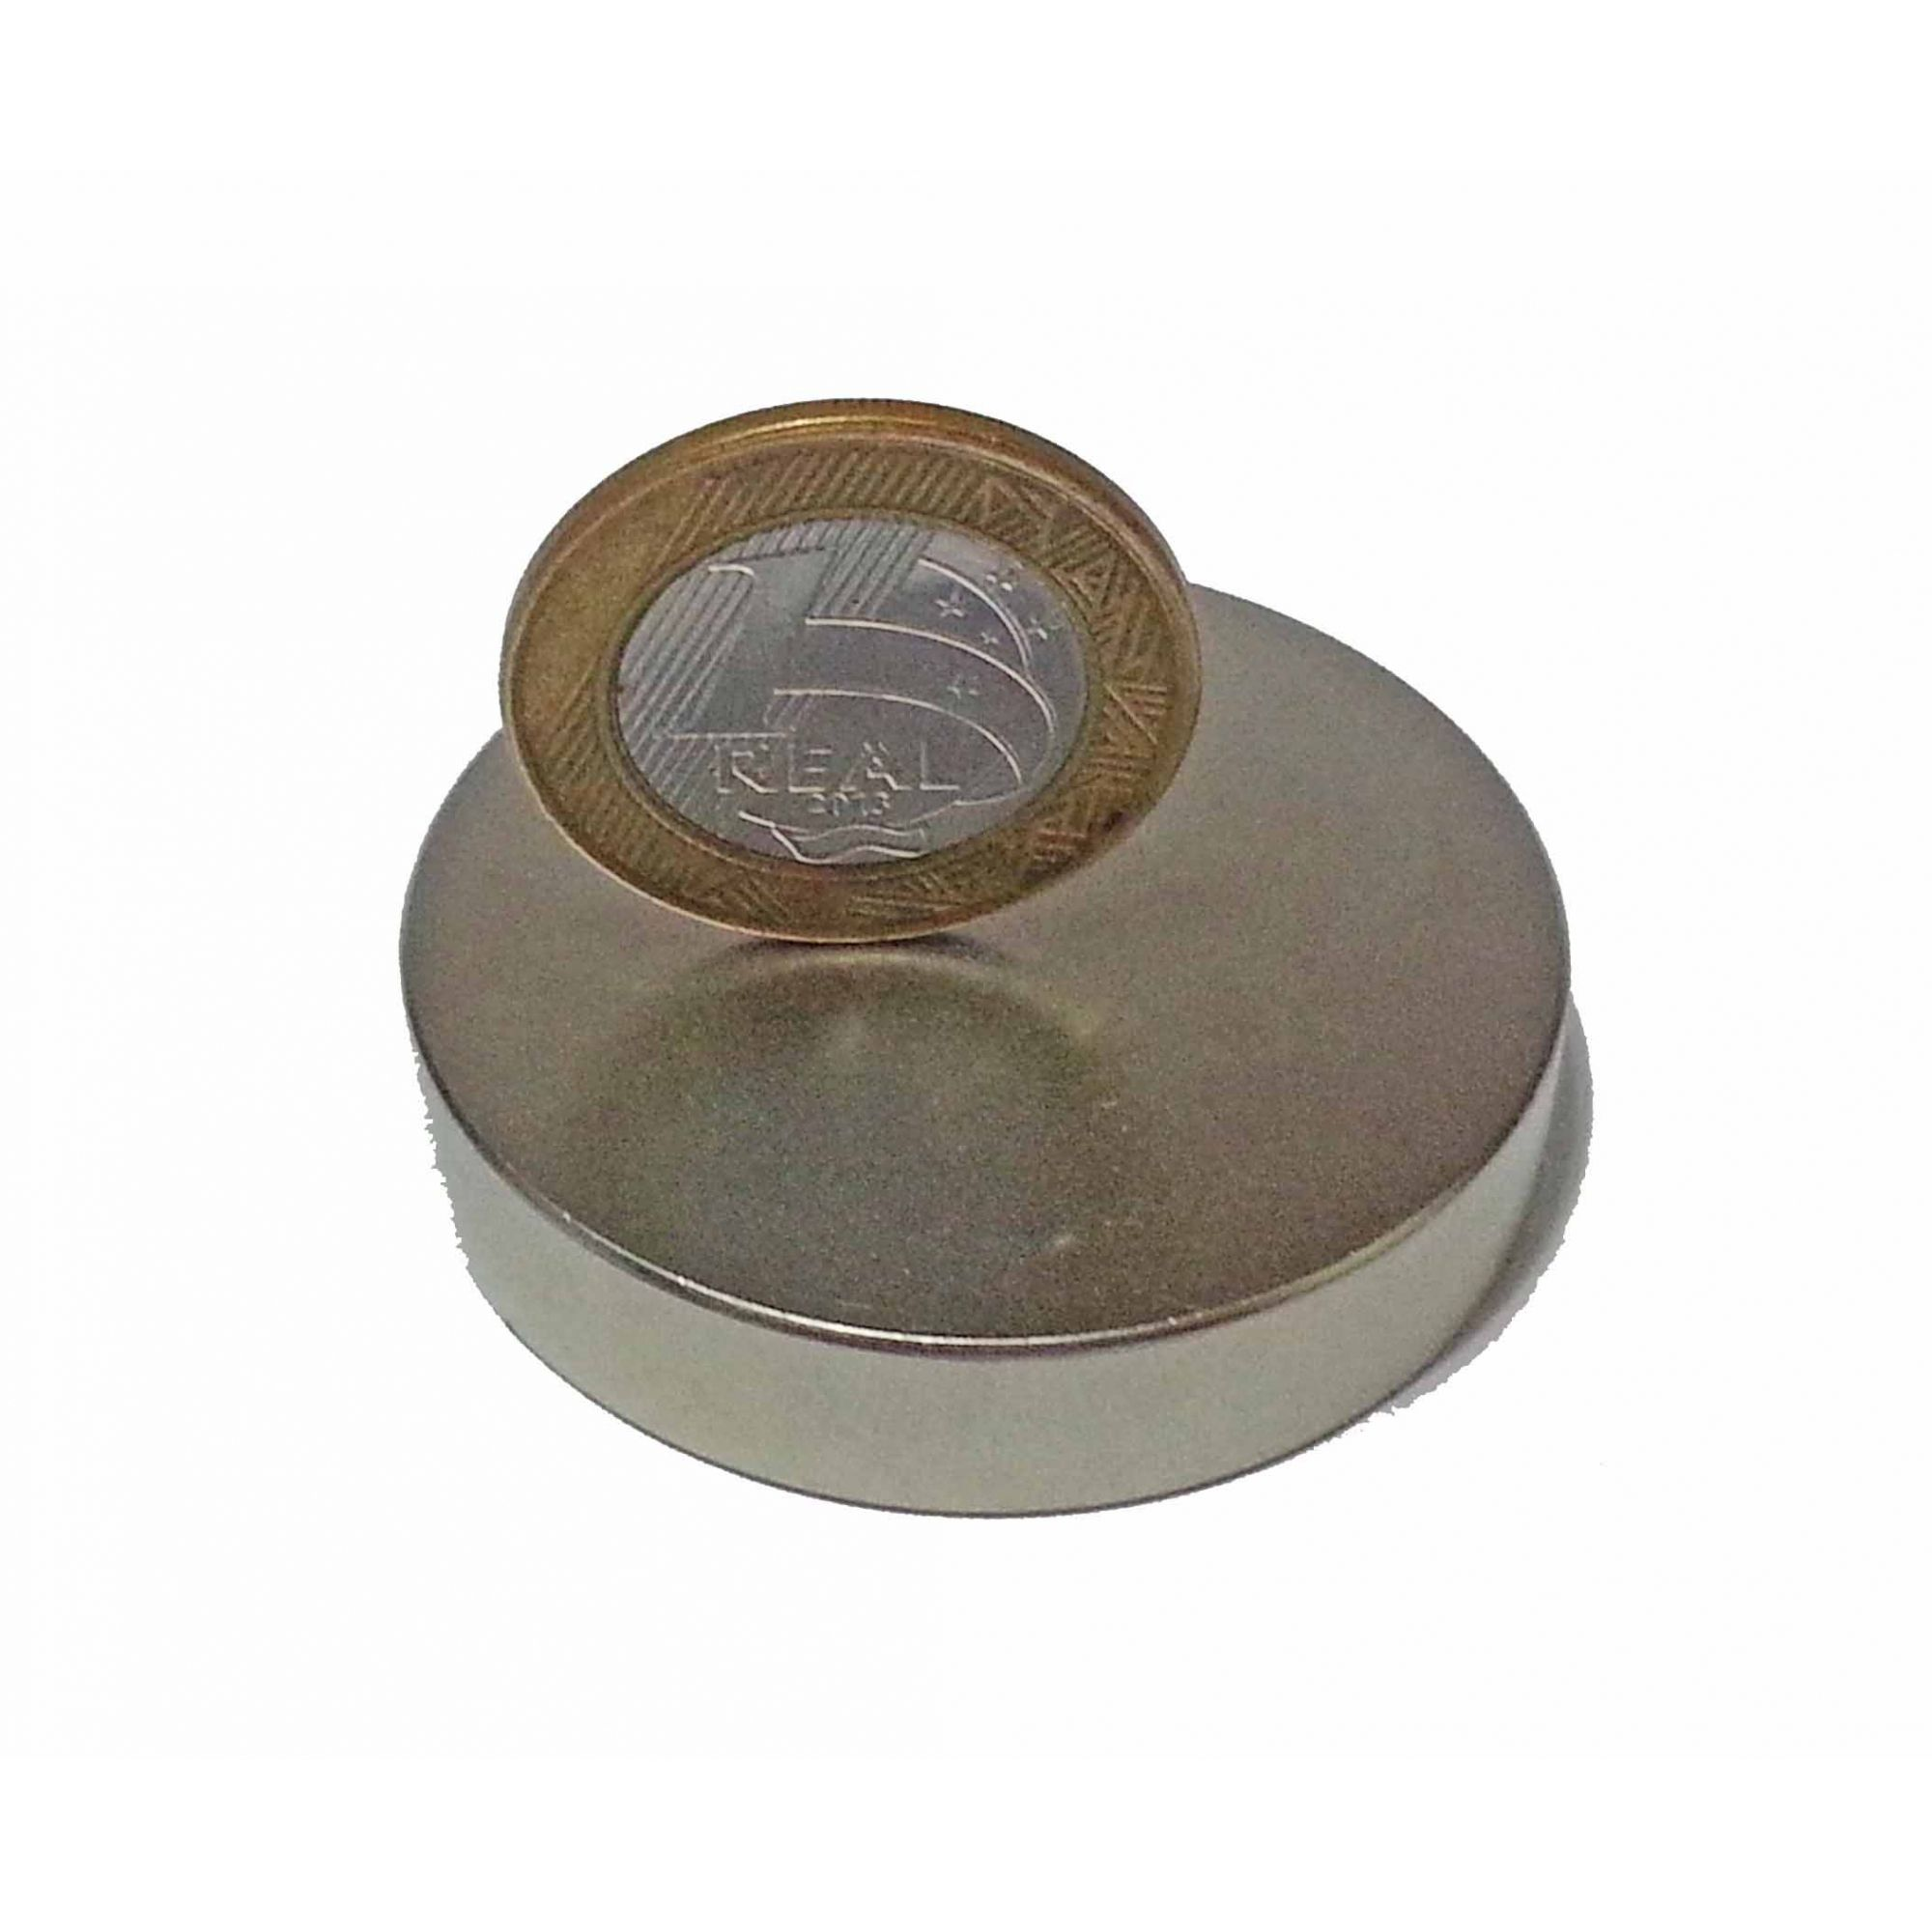 Imã De Neodímio 48mm X 10mm  1 Peça - imã super forte